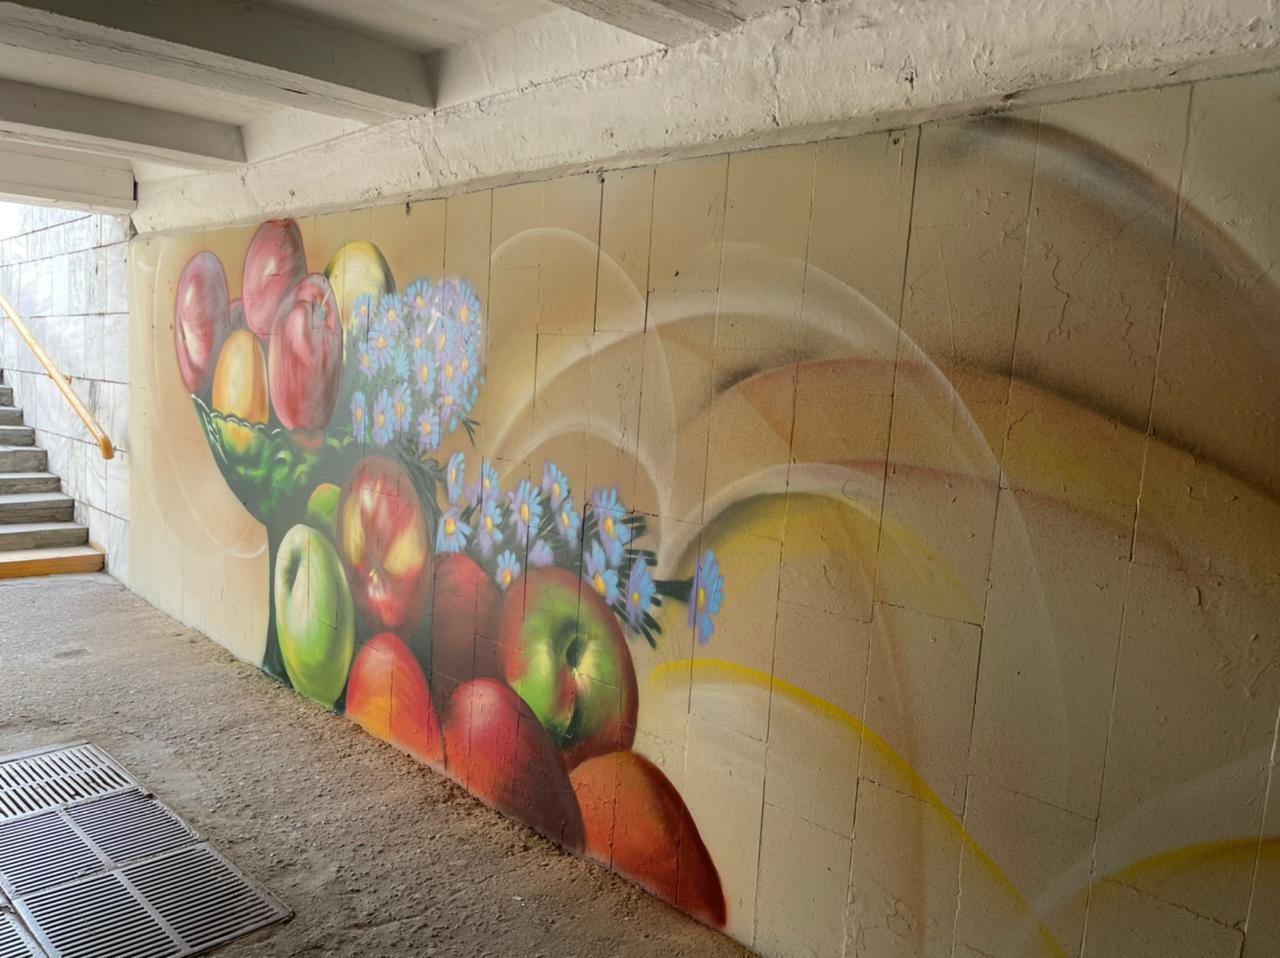 В подземном переходе Омска появилась ваза с яблонями и цветами #Омск #Общество #Сегодня